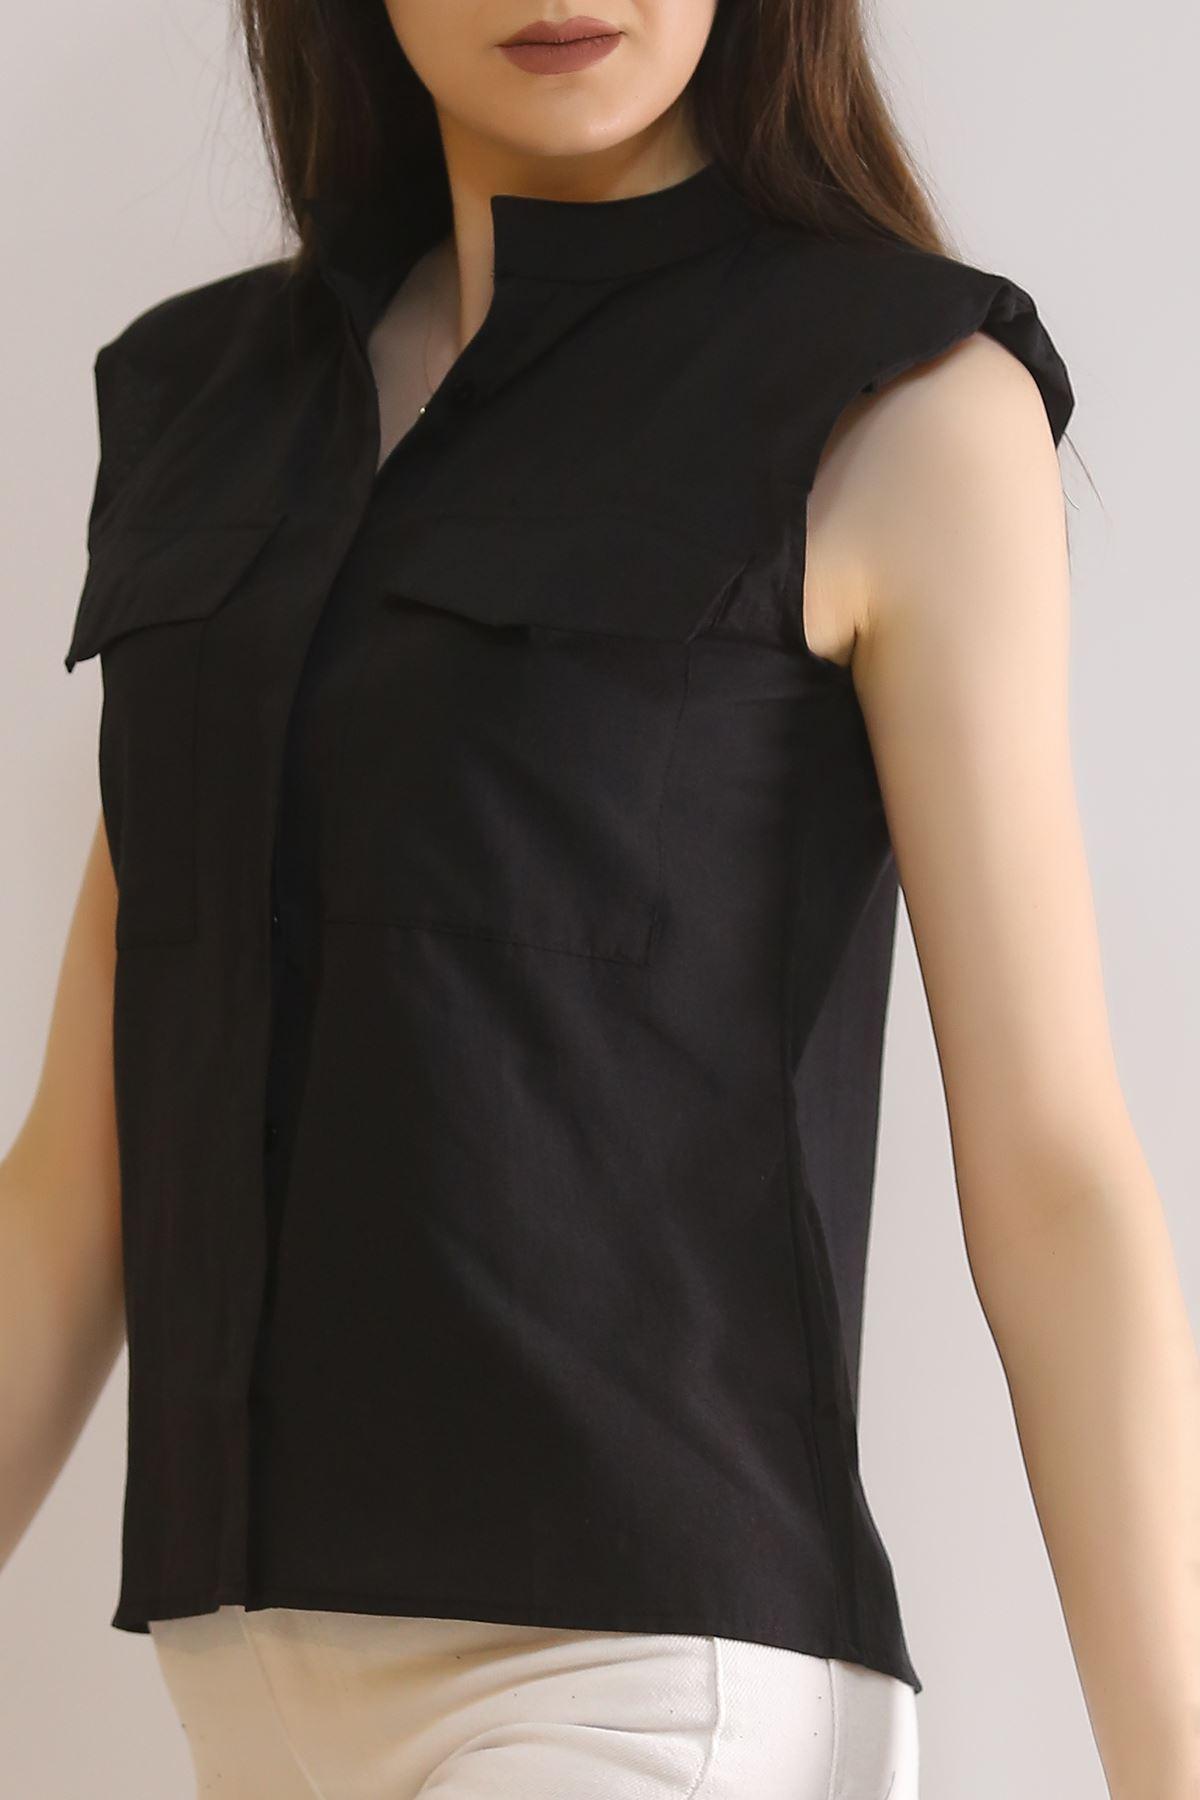 Omuz Vatkalı Gömlek Siyah - 4771.148.